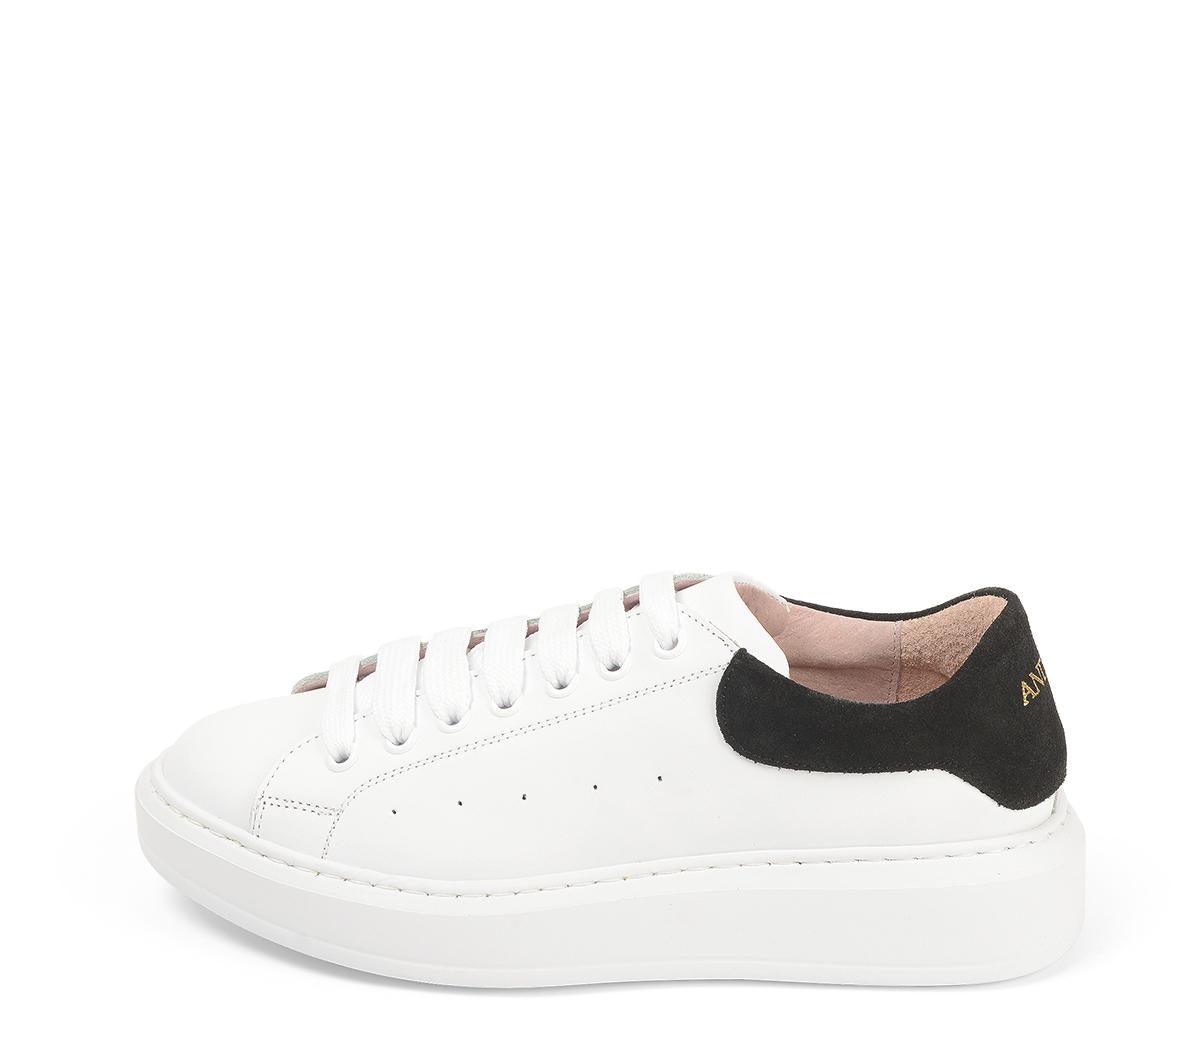 Ref. 4272 Sneaker piel blanca con detalle trasero en serraje negro. Cordones blancos. Altura plataforma trasera 3.5 cm y delantera de 2 cm.